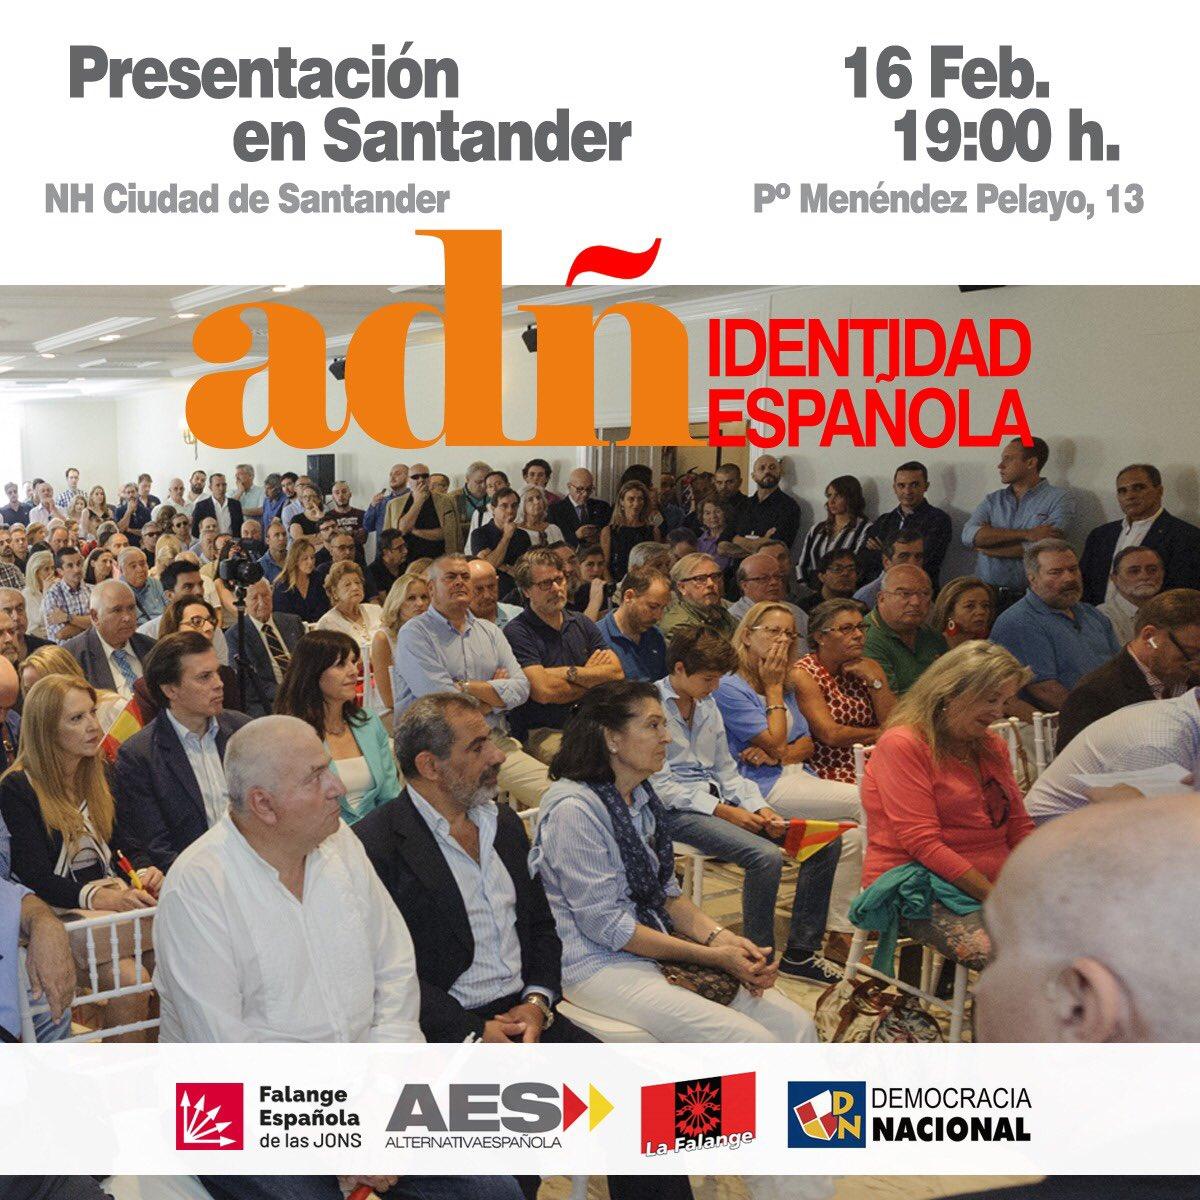 16-F: Presentación de ADÑ en Santander